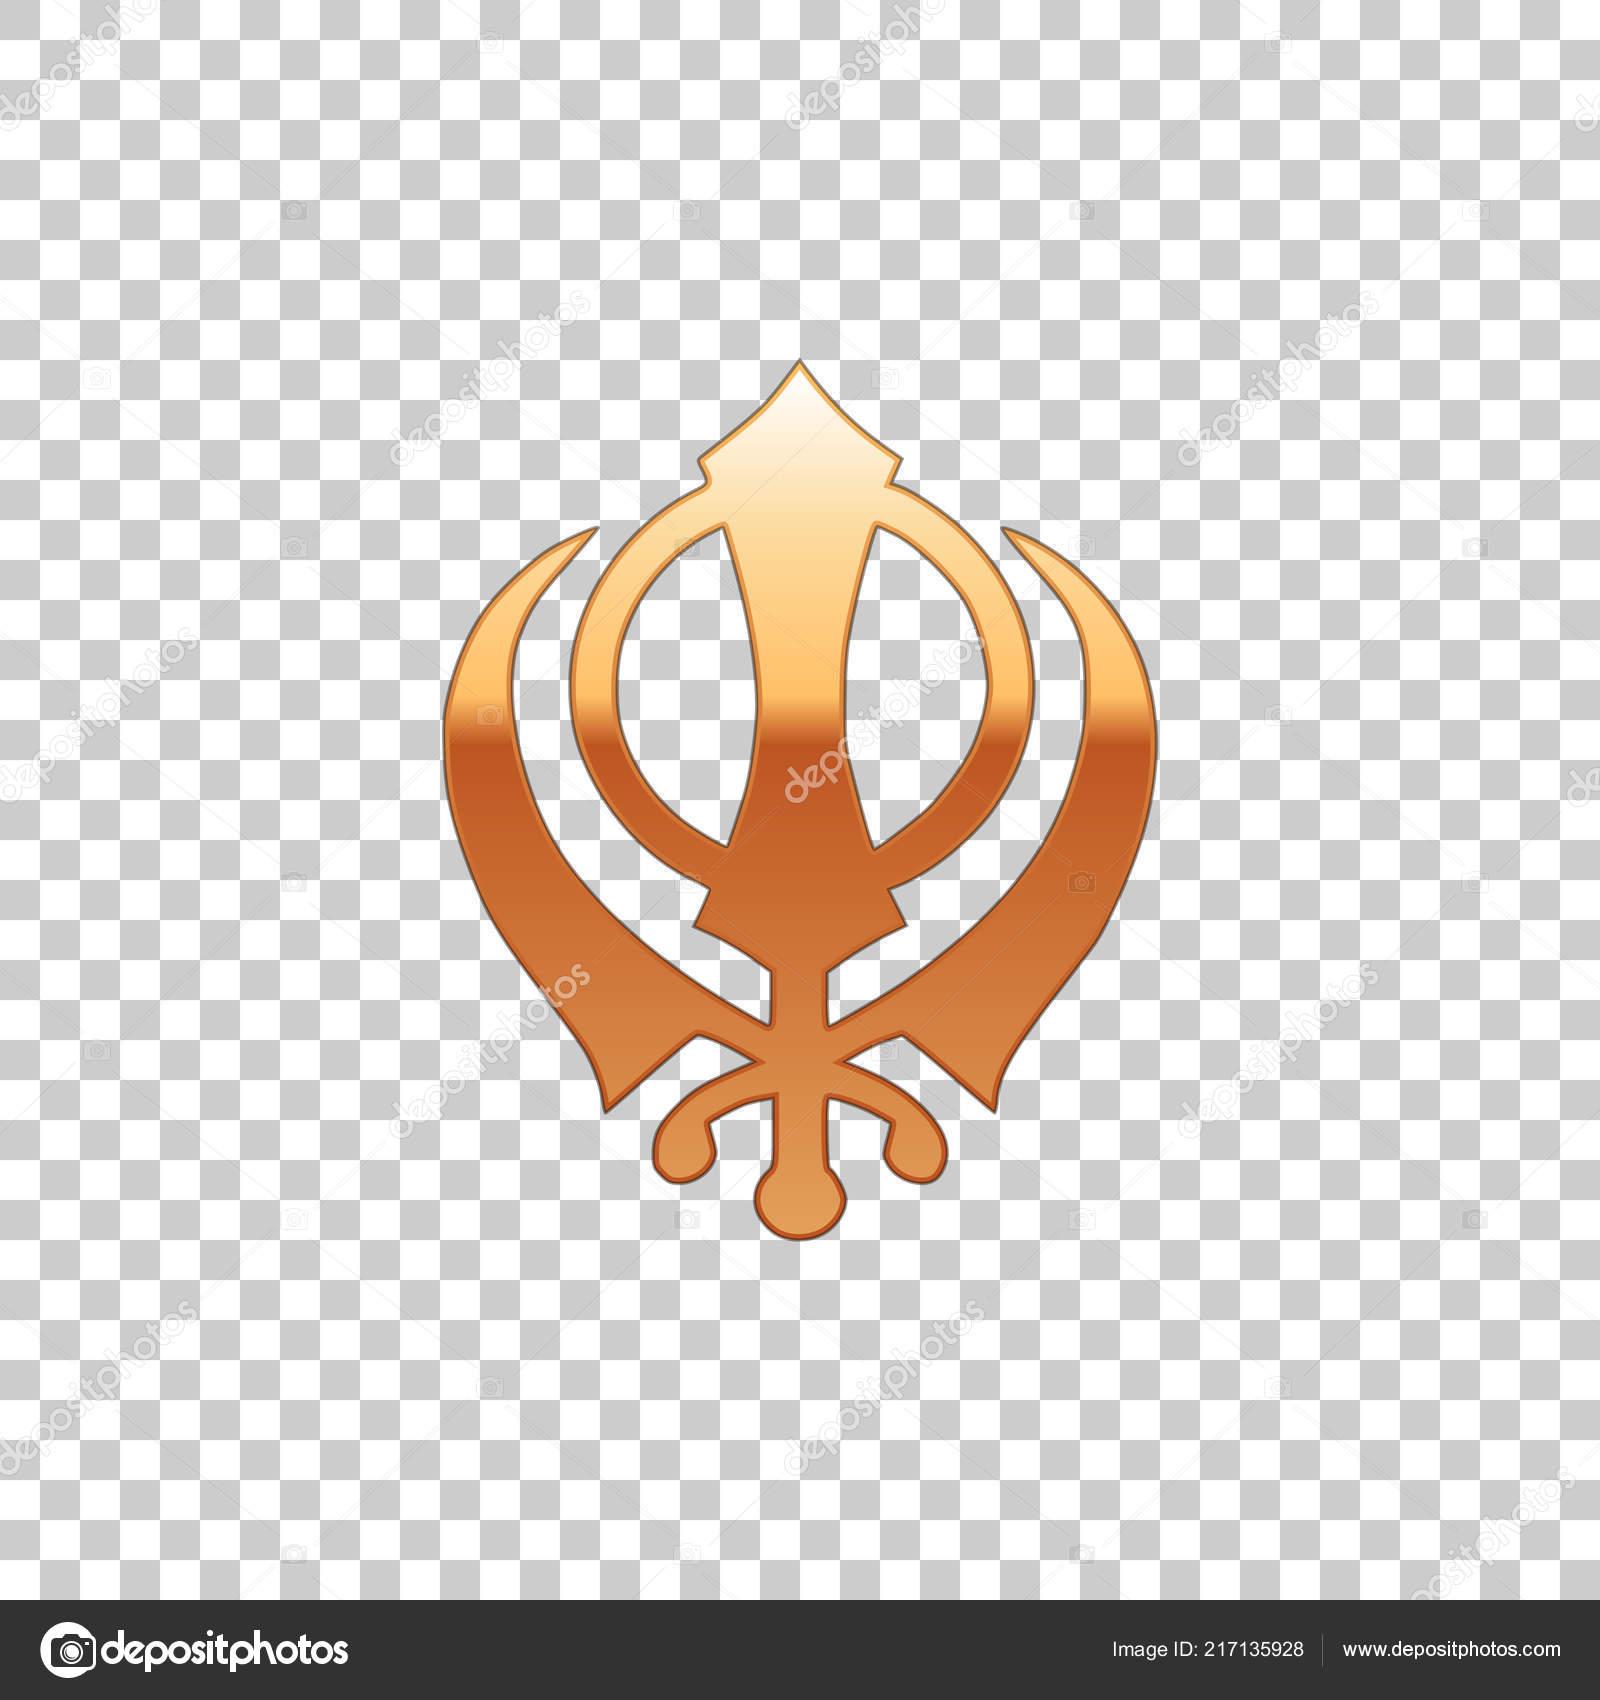 Golden Sikhism Religion Khanda Symbol Isolated Object On Transparent